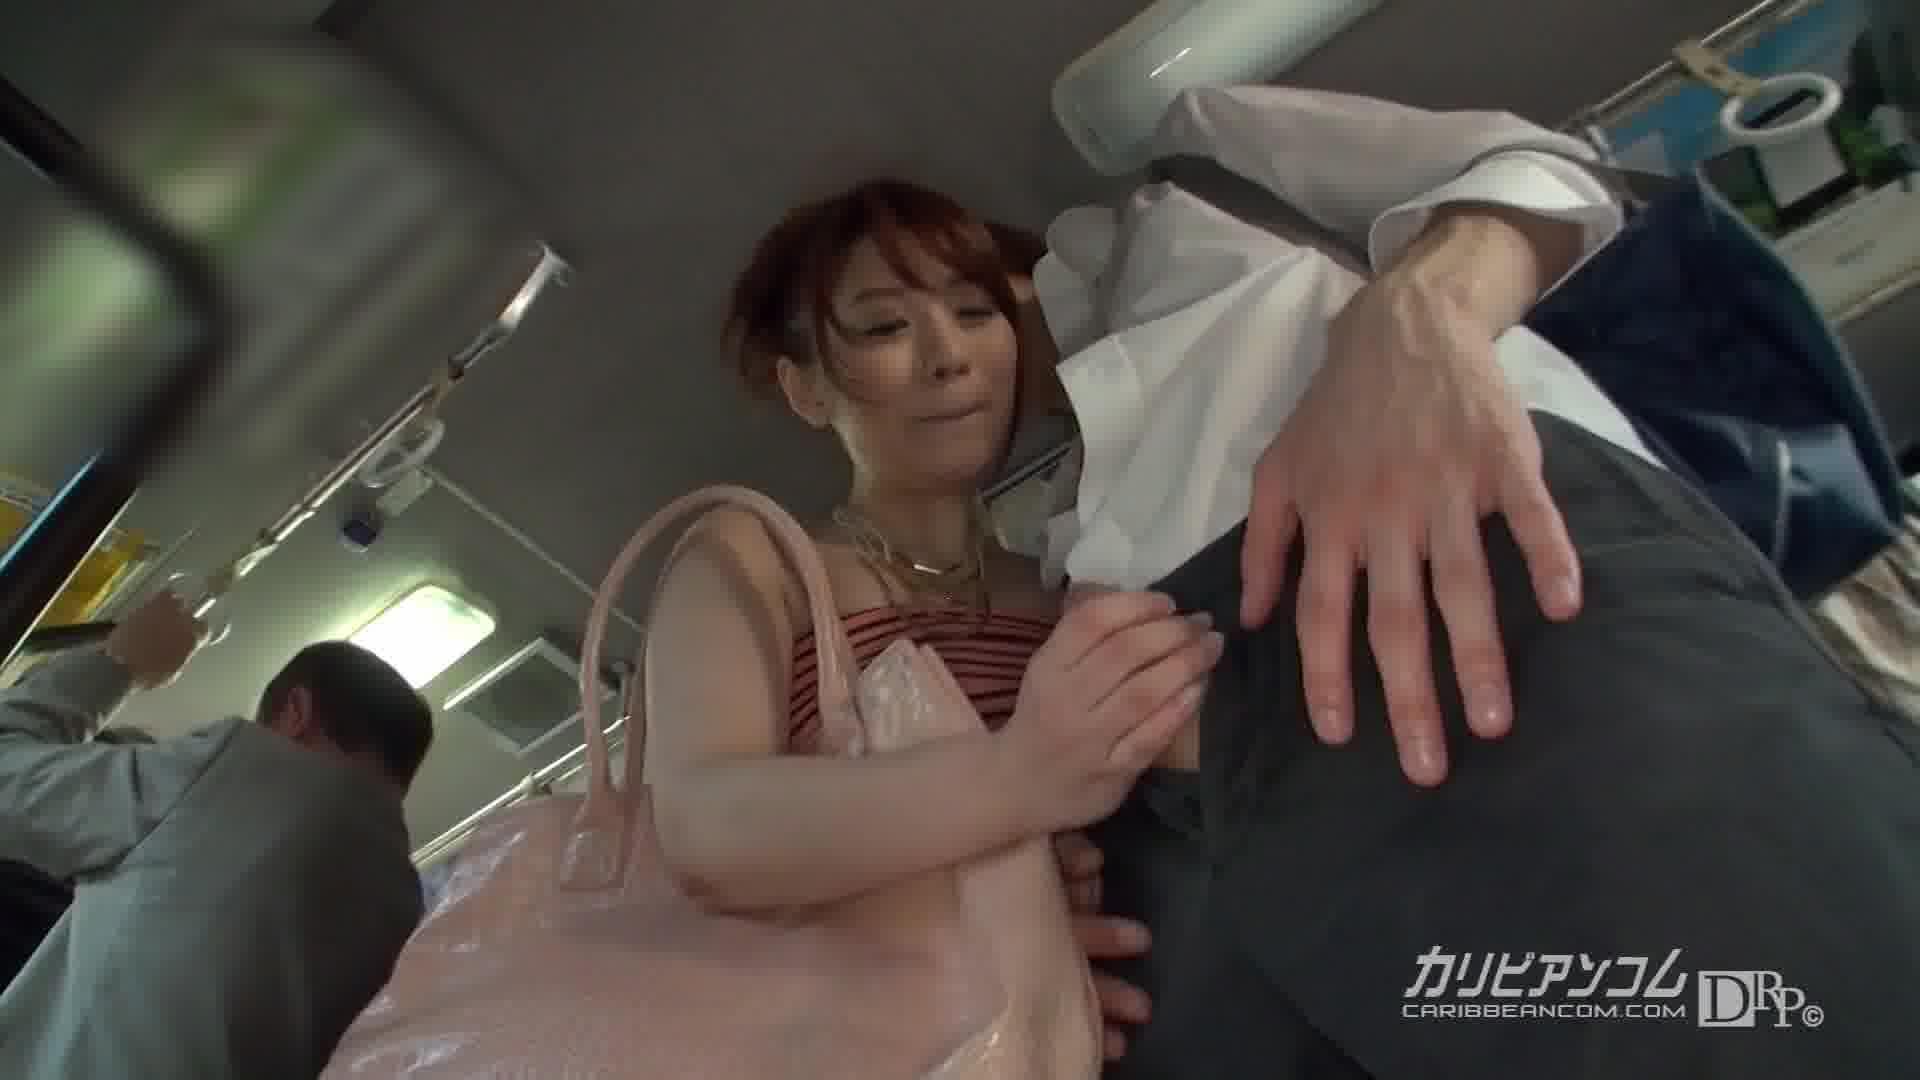 痴漢路線バス ~亀頭大好き逆痴漢女~ - 本山茉莉【ギャル・痴女・痴漢】